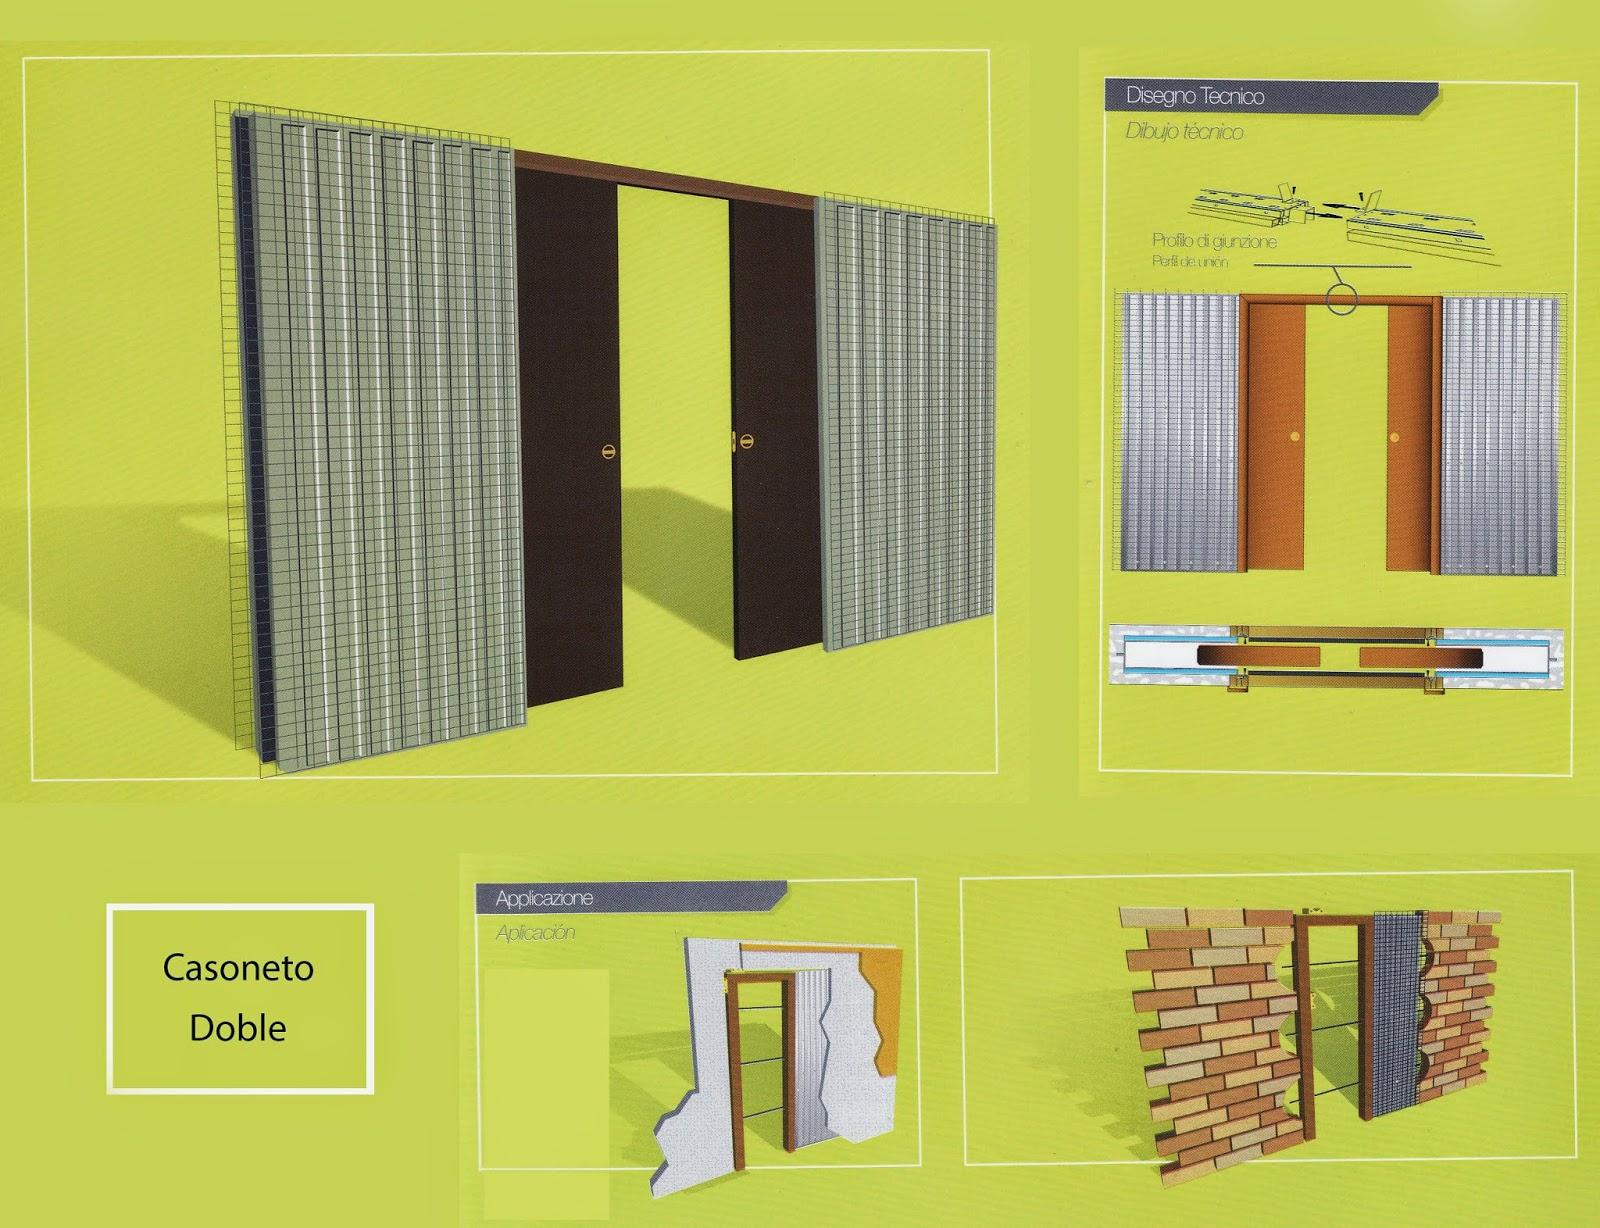 Bridoor s l casoneto puerta corredera hueco doble o sencillo - Casoneto para puerta corredera ...